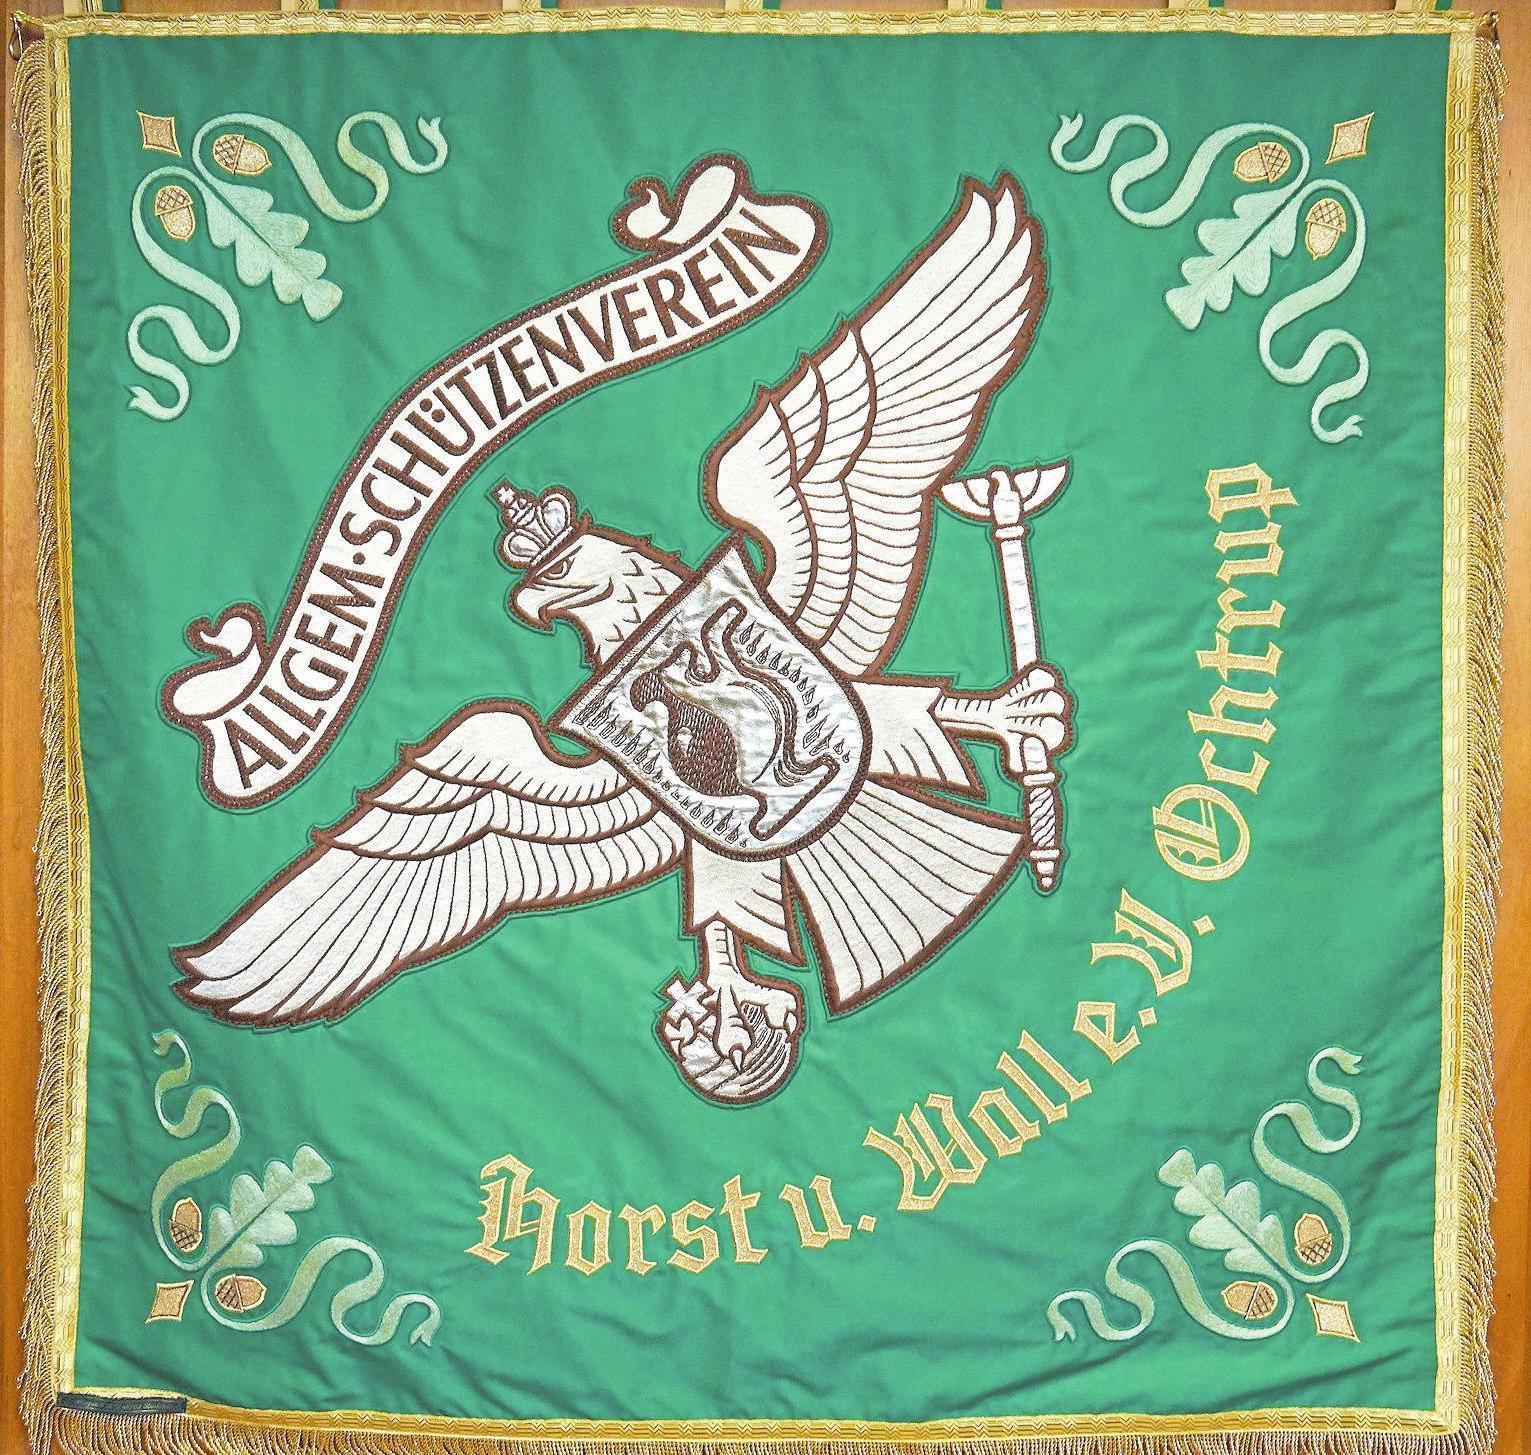 Die Vorderseite der Fahne des Allgemeinen Schützenvereins Horst und Wall Ochtrup. Fotos (2): Jürgen Ultee